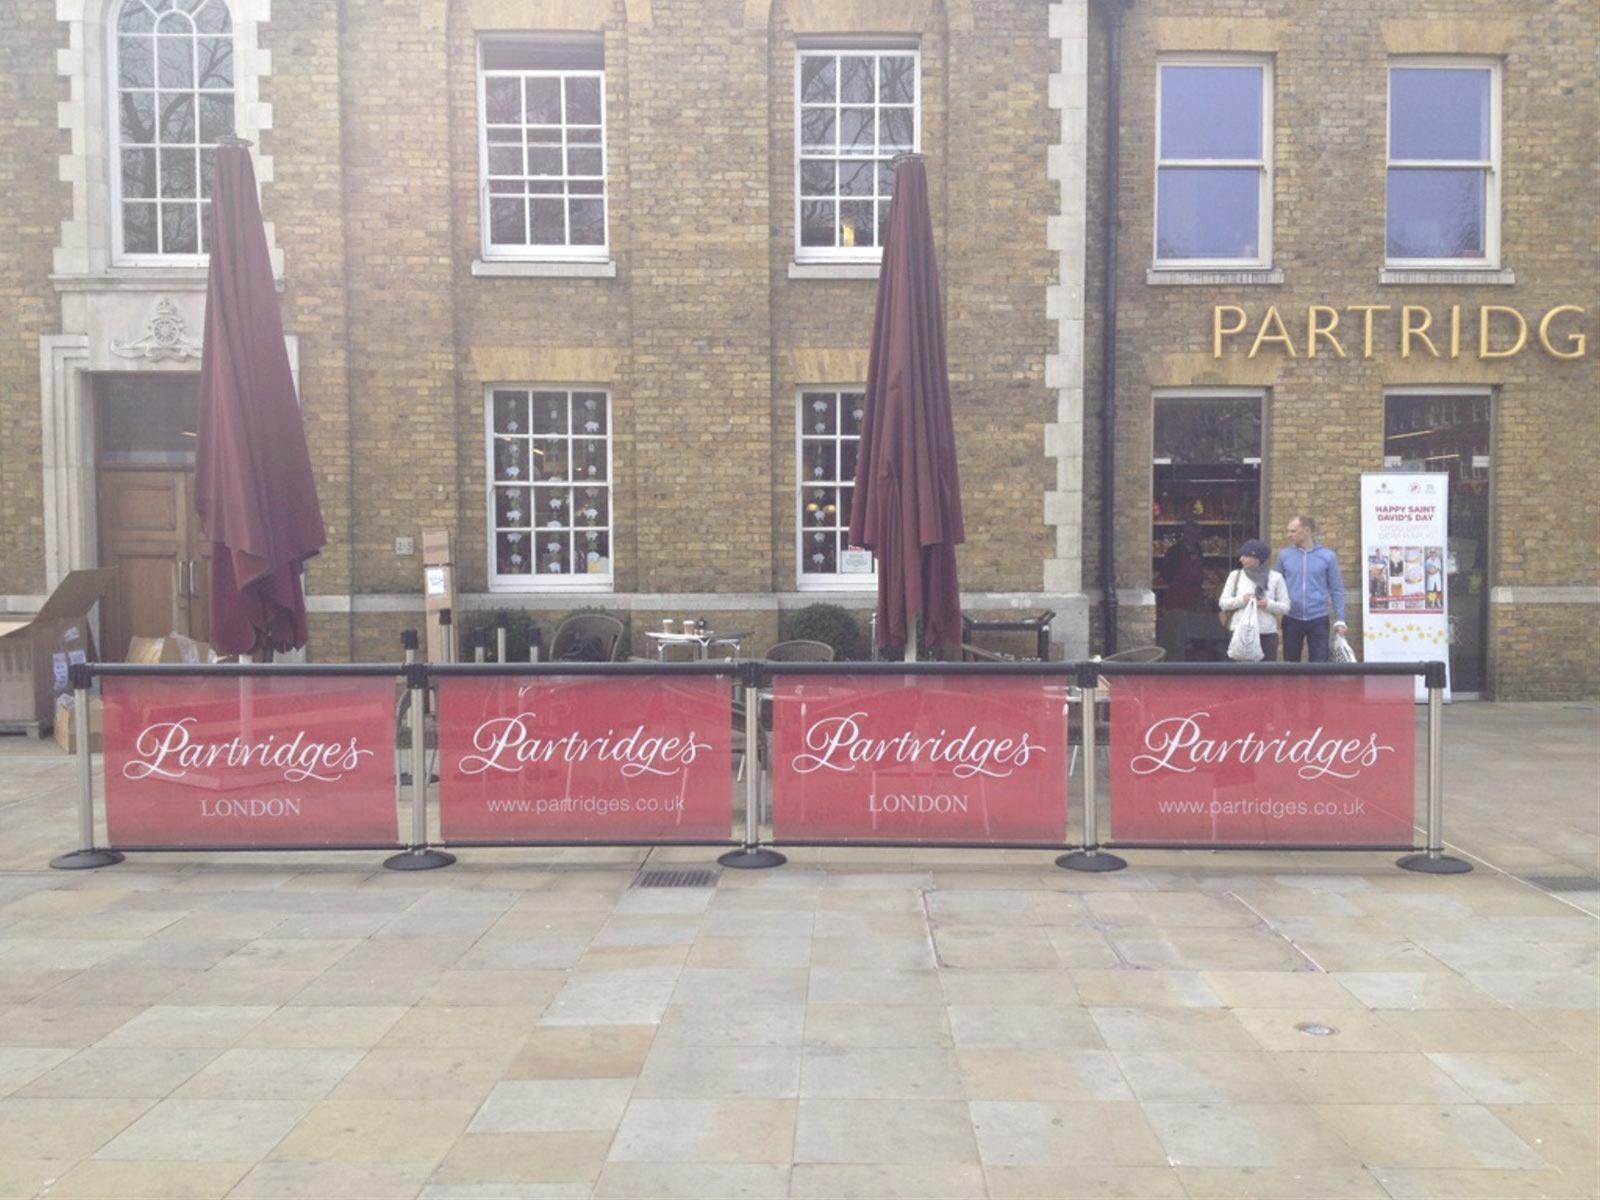 13 Partridges London